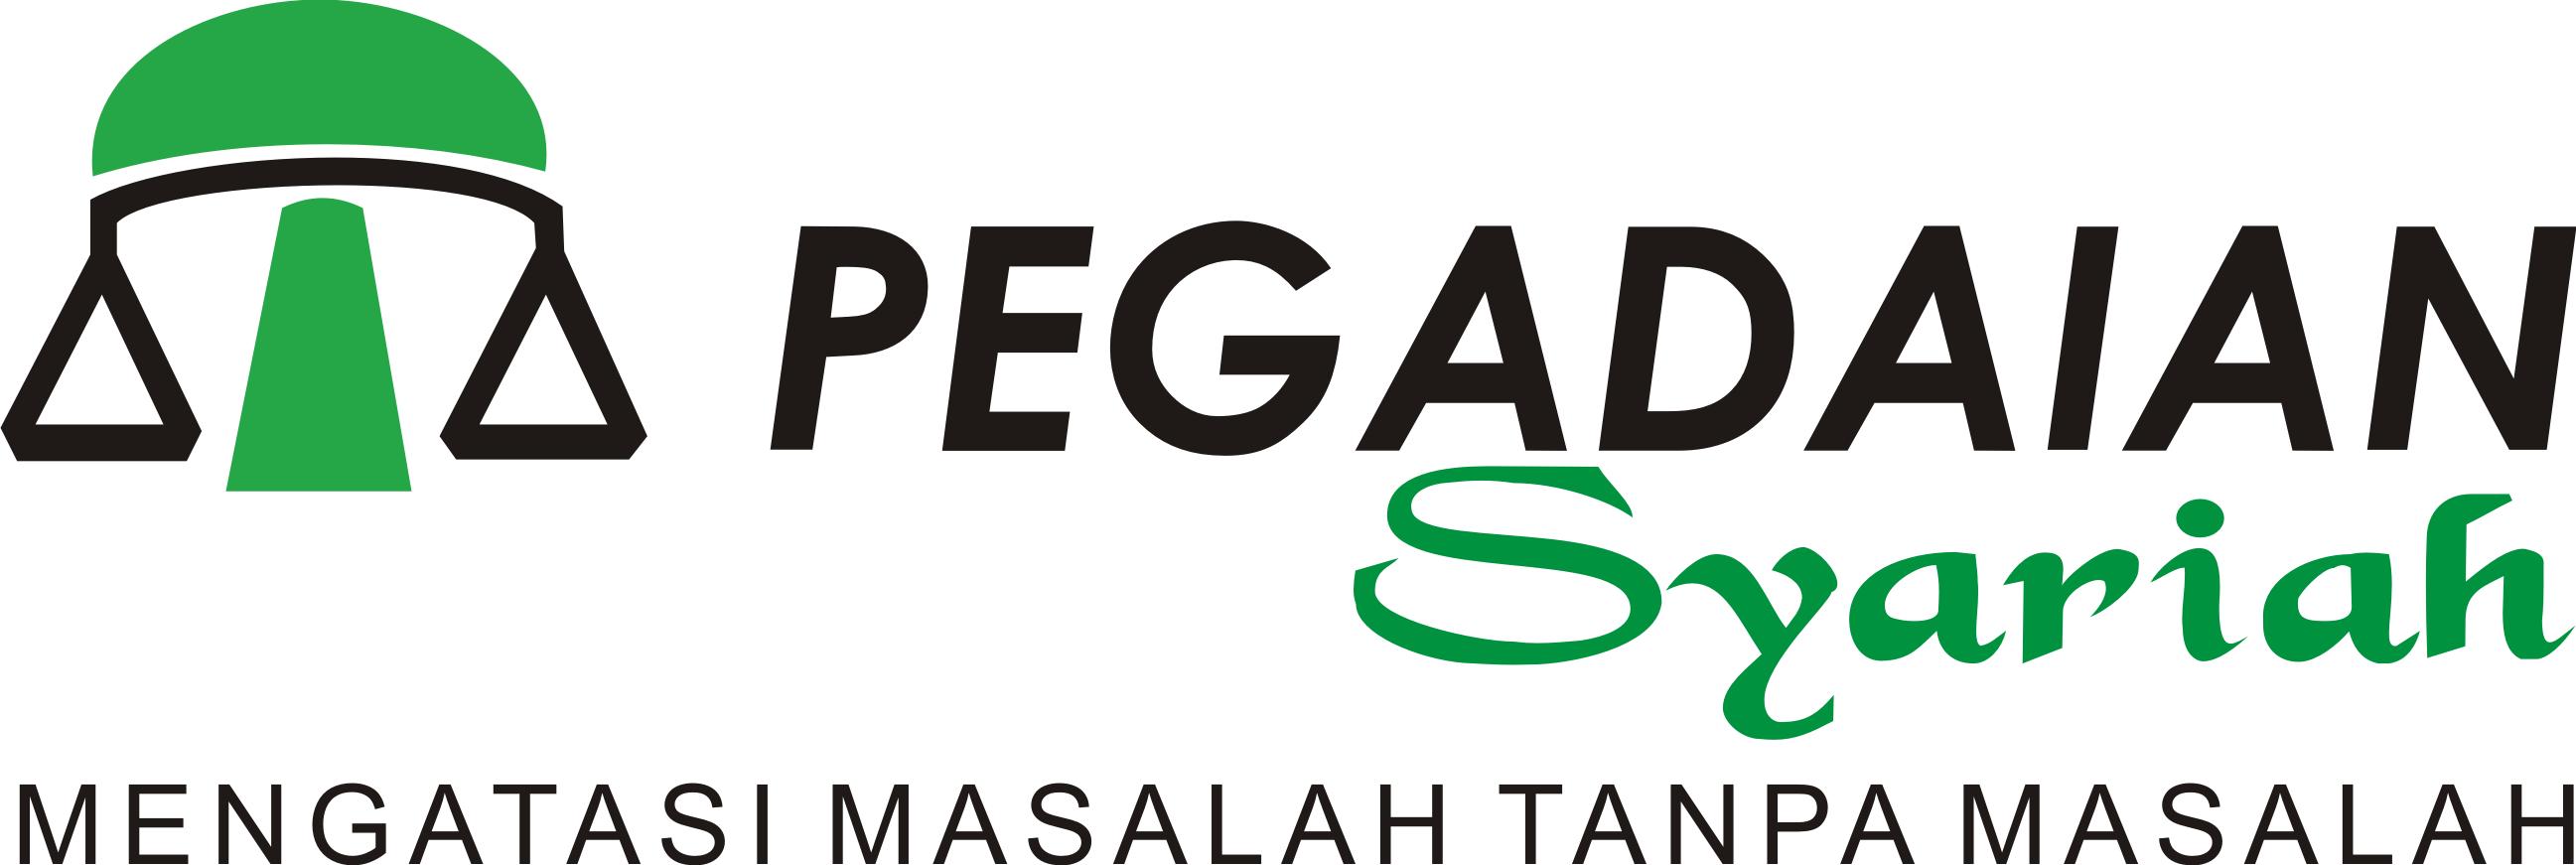 Bisnis forex halal